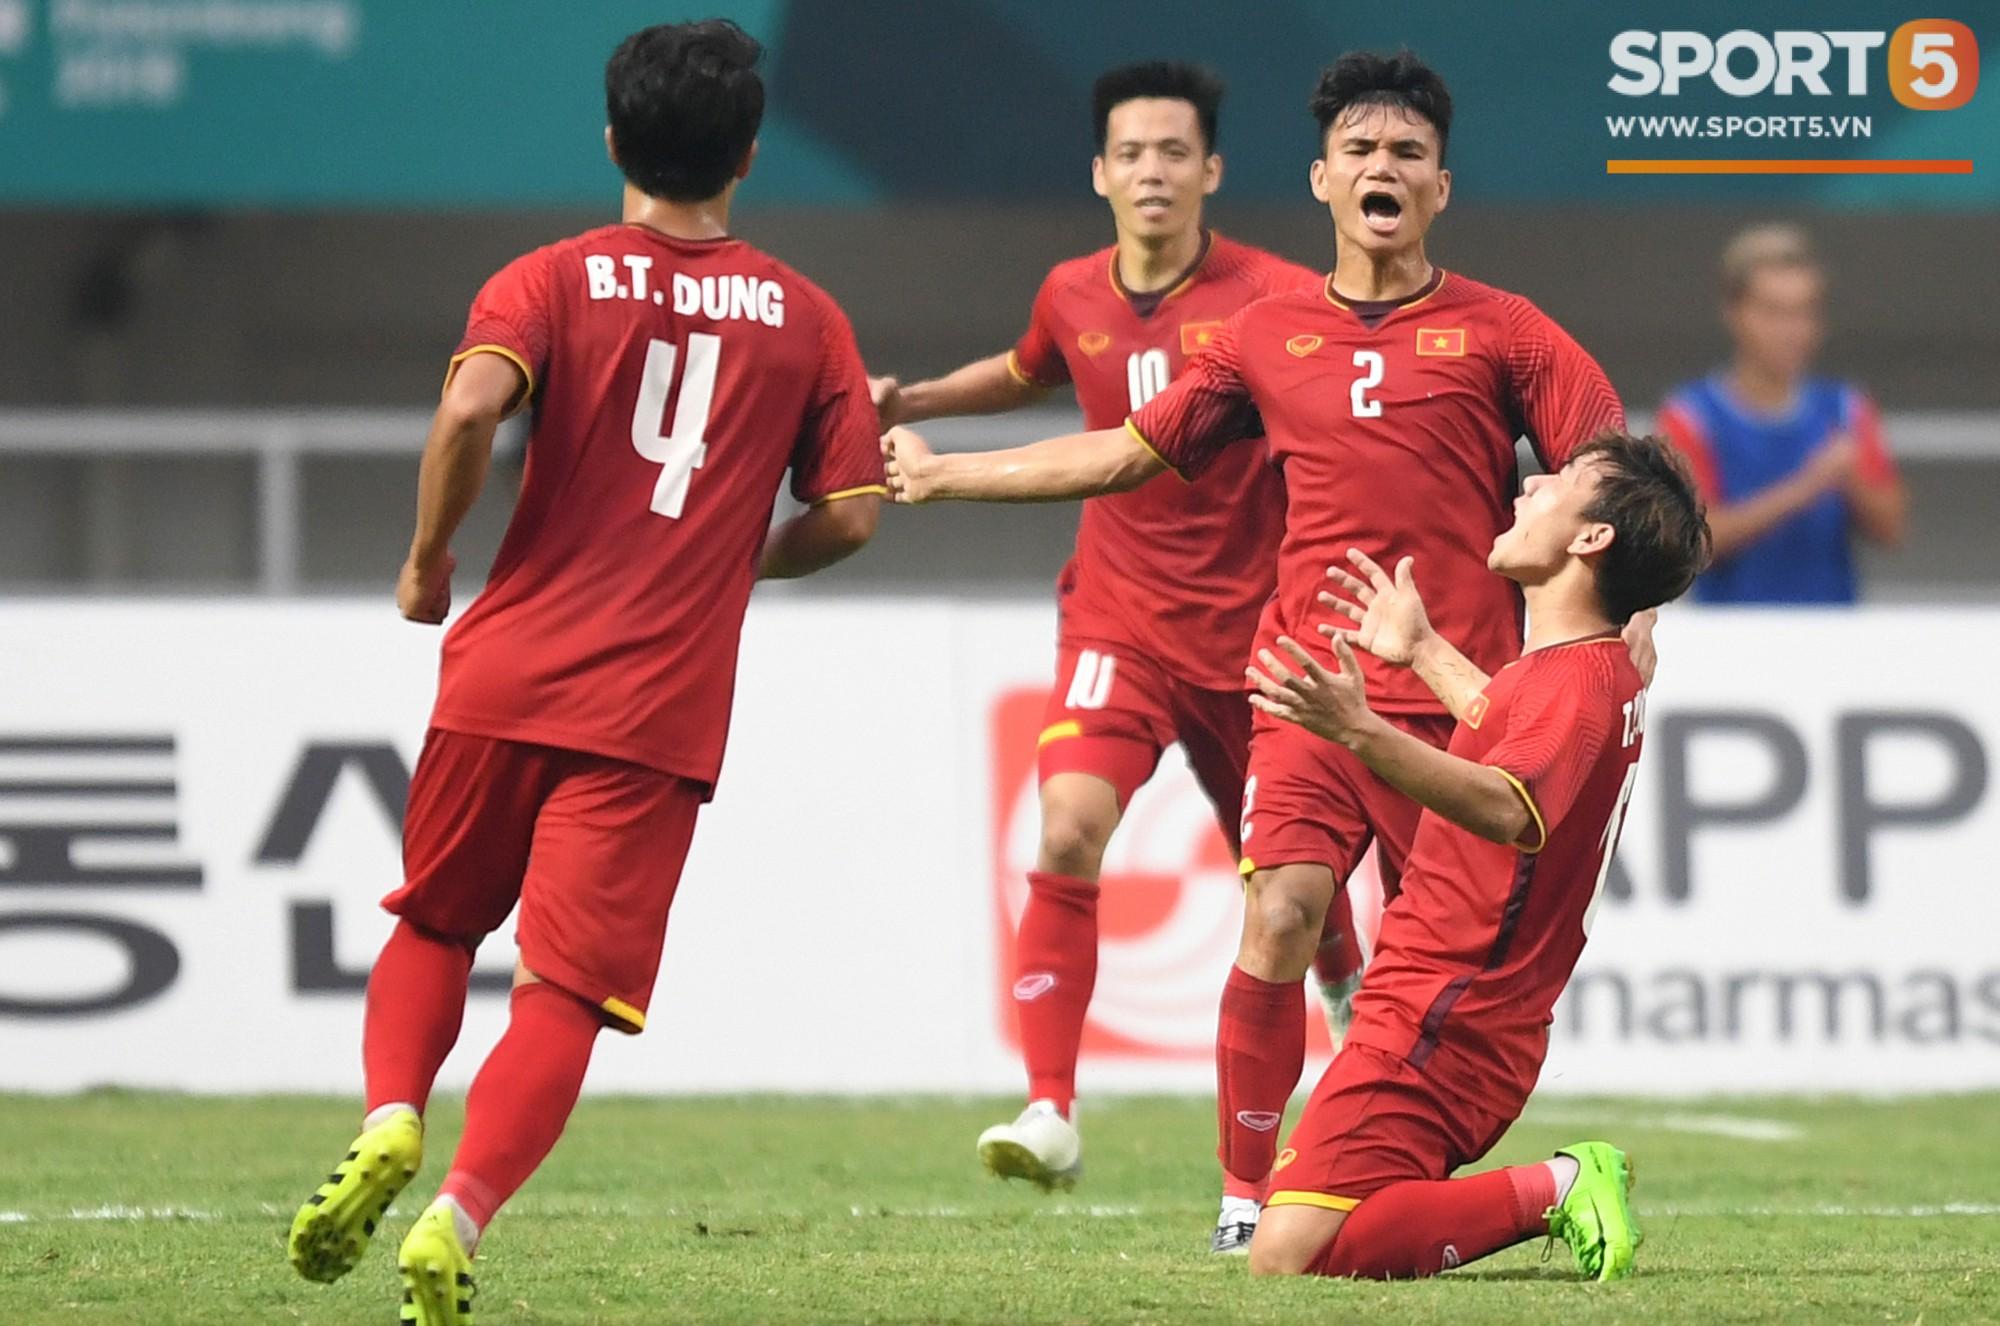 Lịch sử chống lại Olympic Việt Nam trước trận đấu với UAE 1